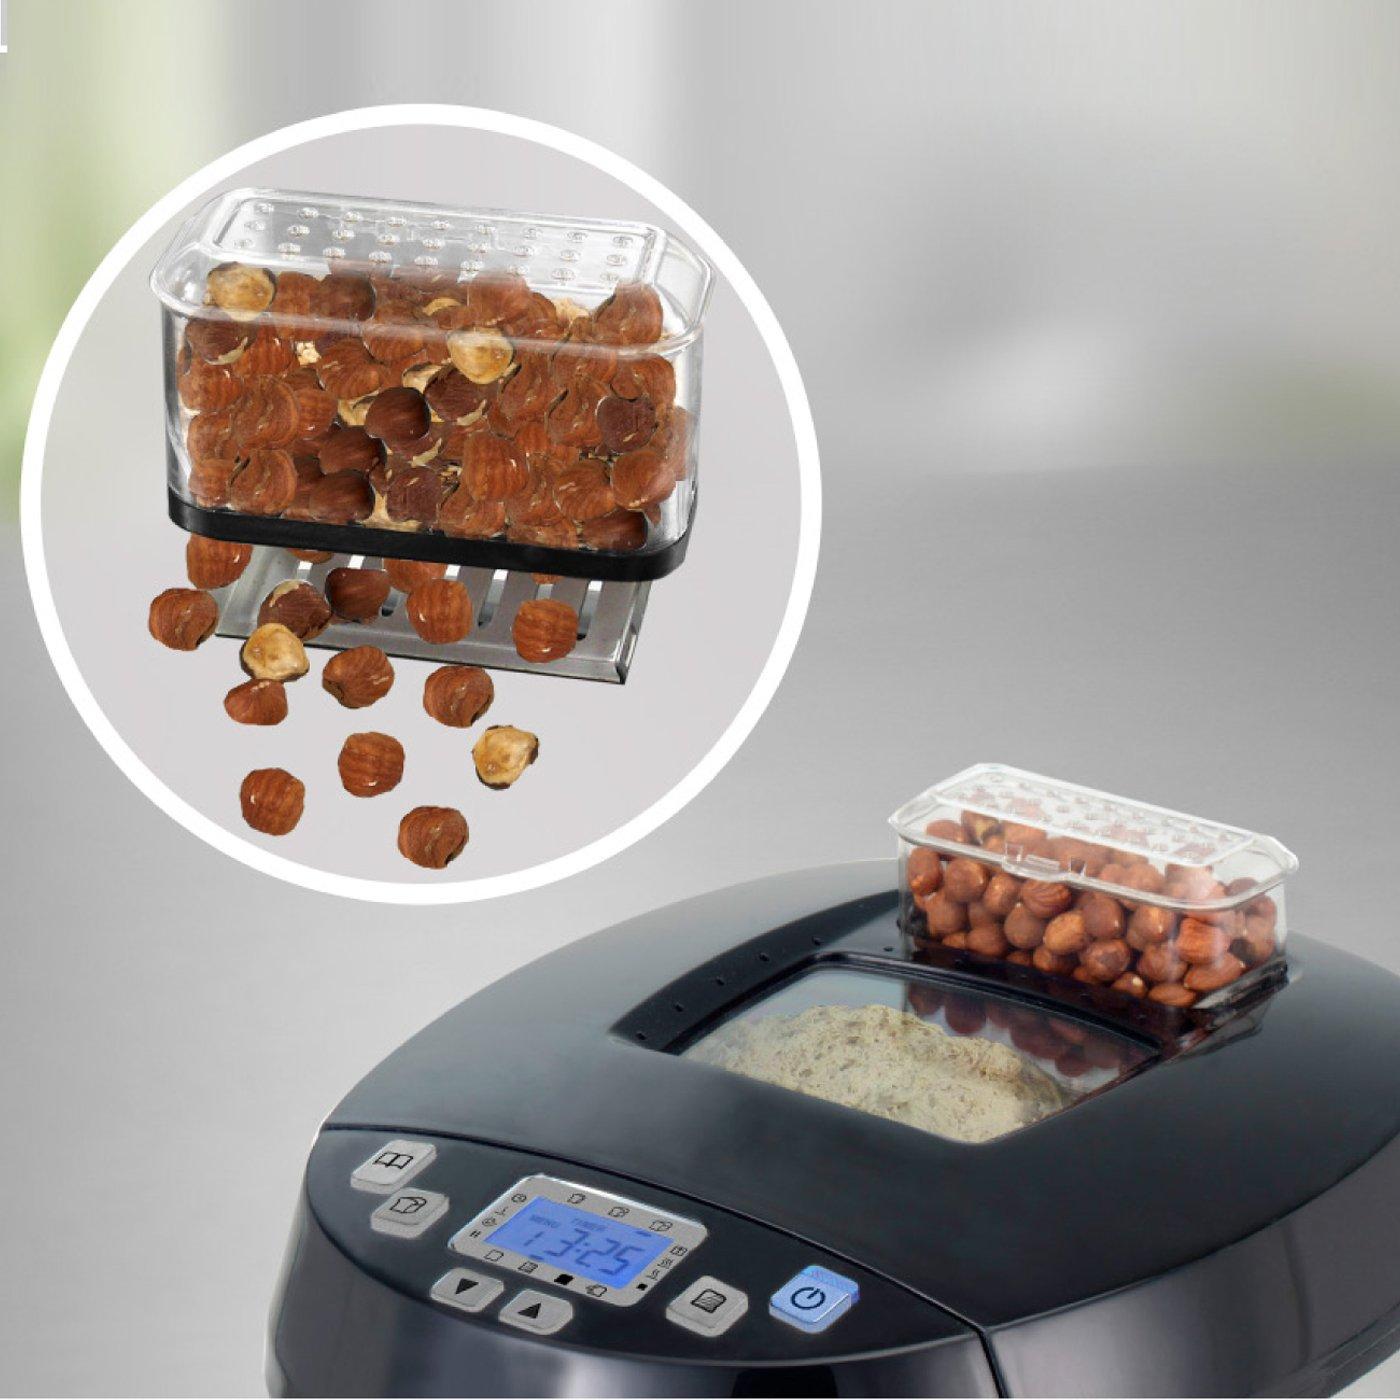 BEEM Germany Multi-Back Topclass 5 in 1 - Máquina de hacer pan, arrocera, reductora por cocción y panificadora